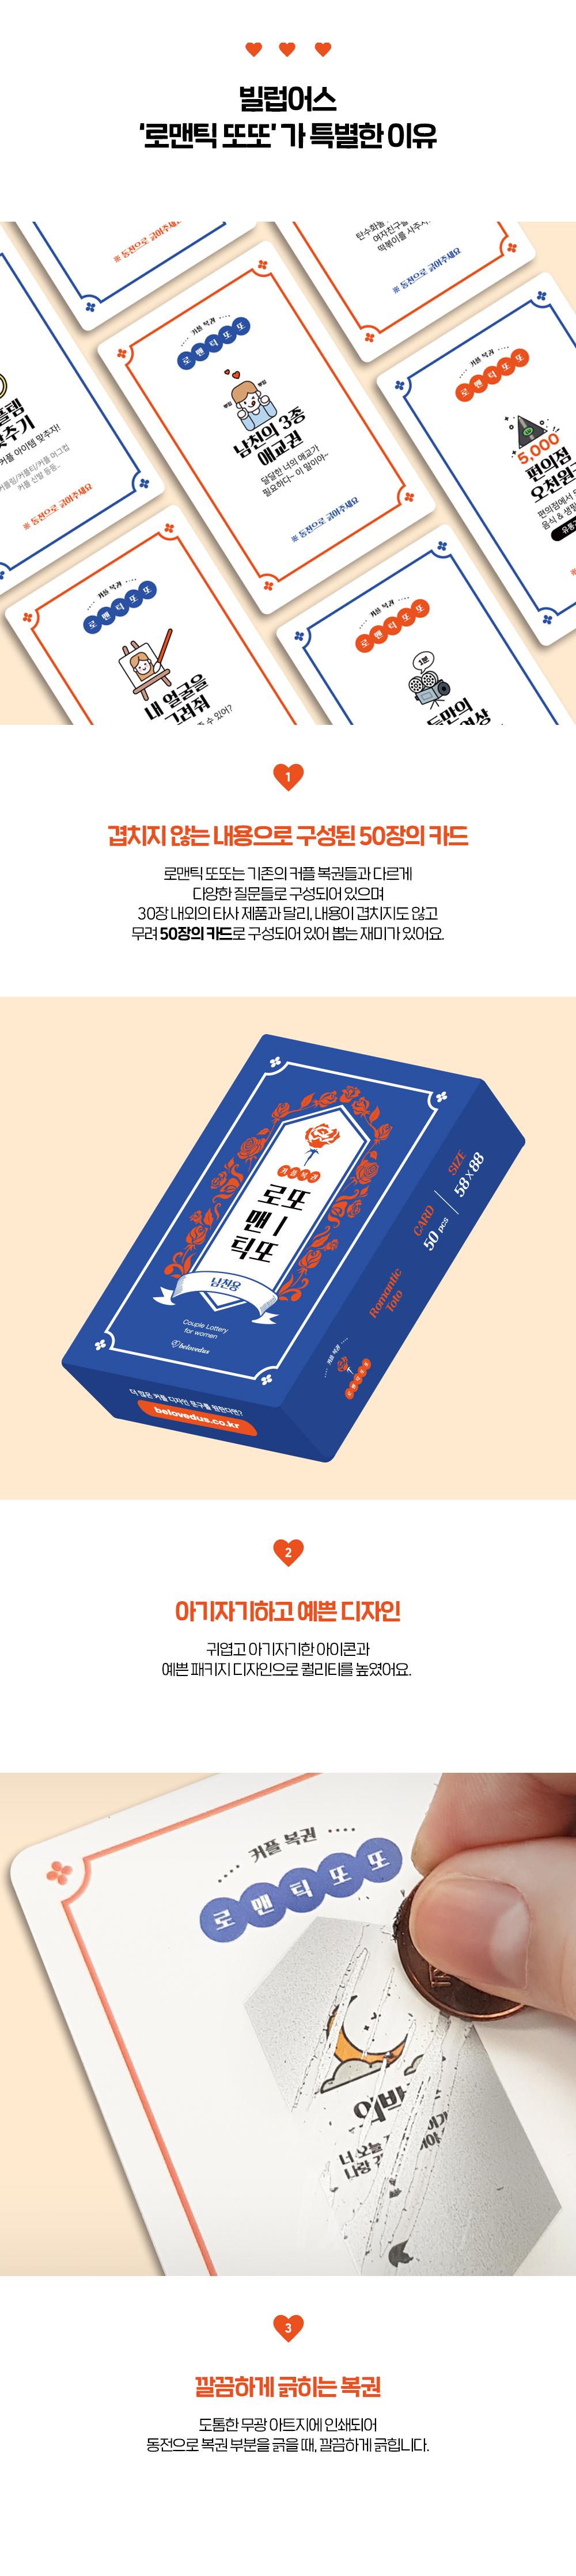 [빌럽어스] 커플복권 로맨틱 또또 - 빌럽어스(8809690580555)